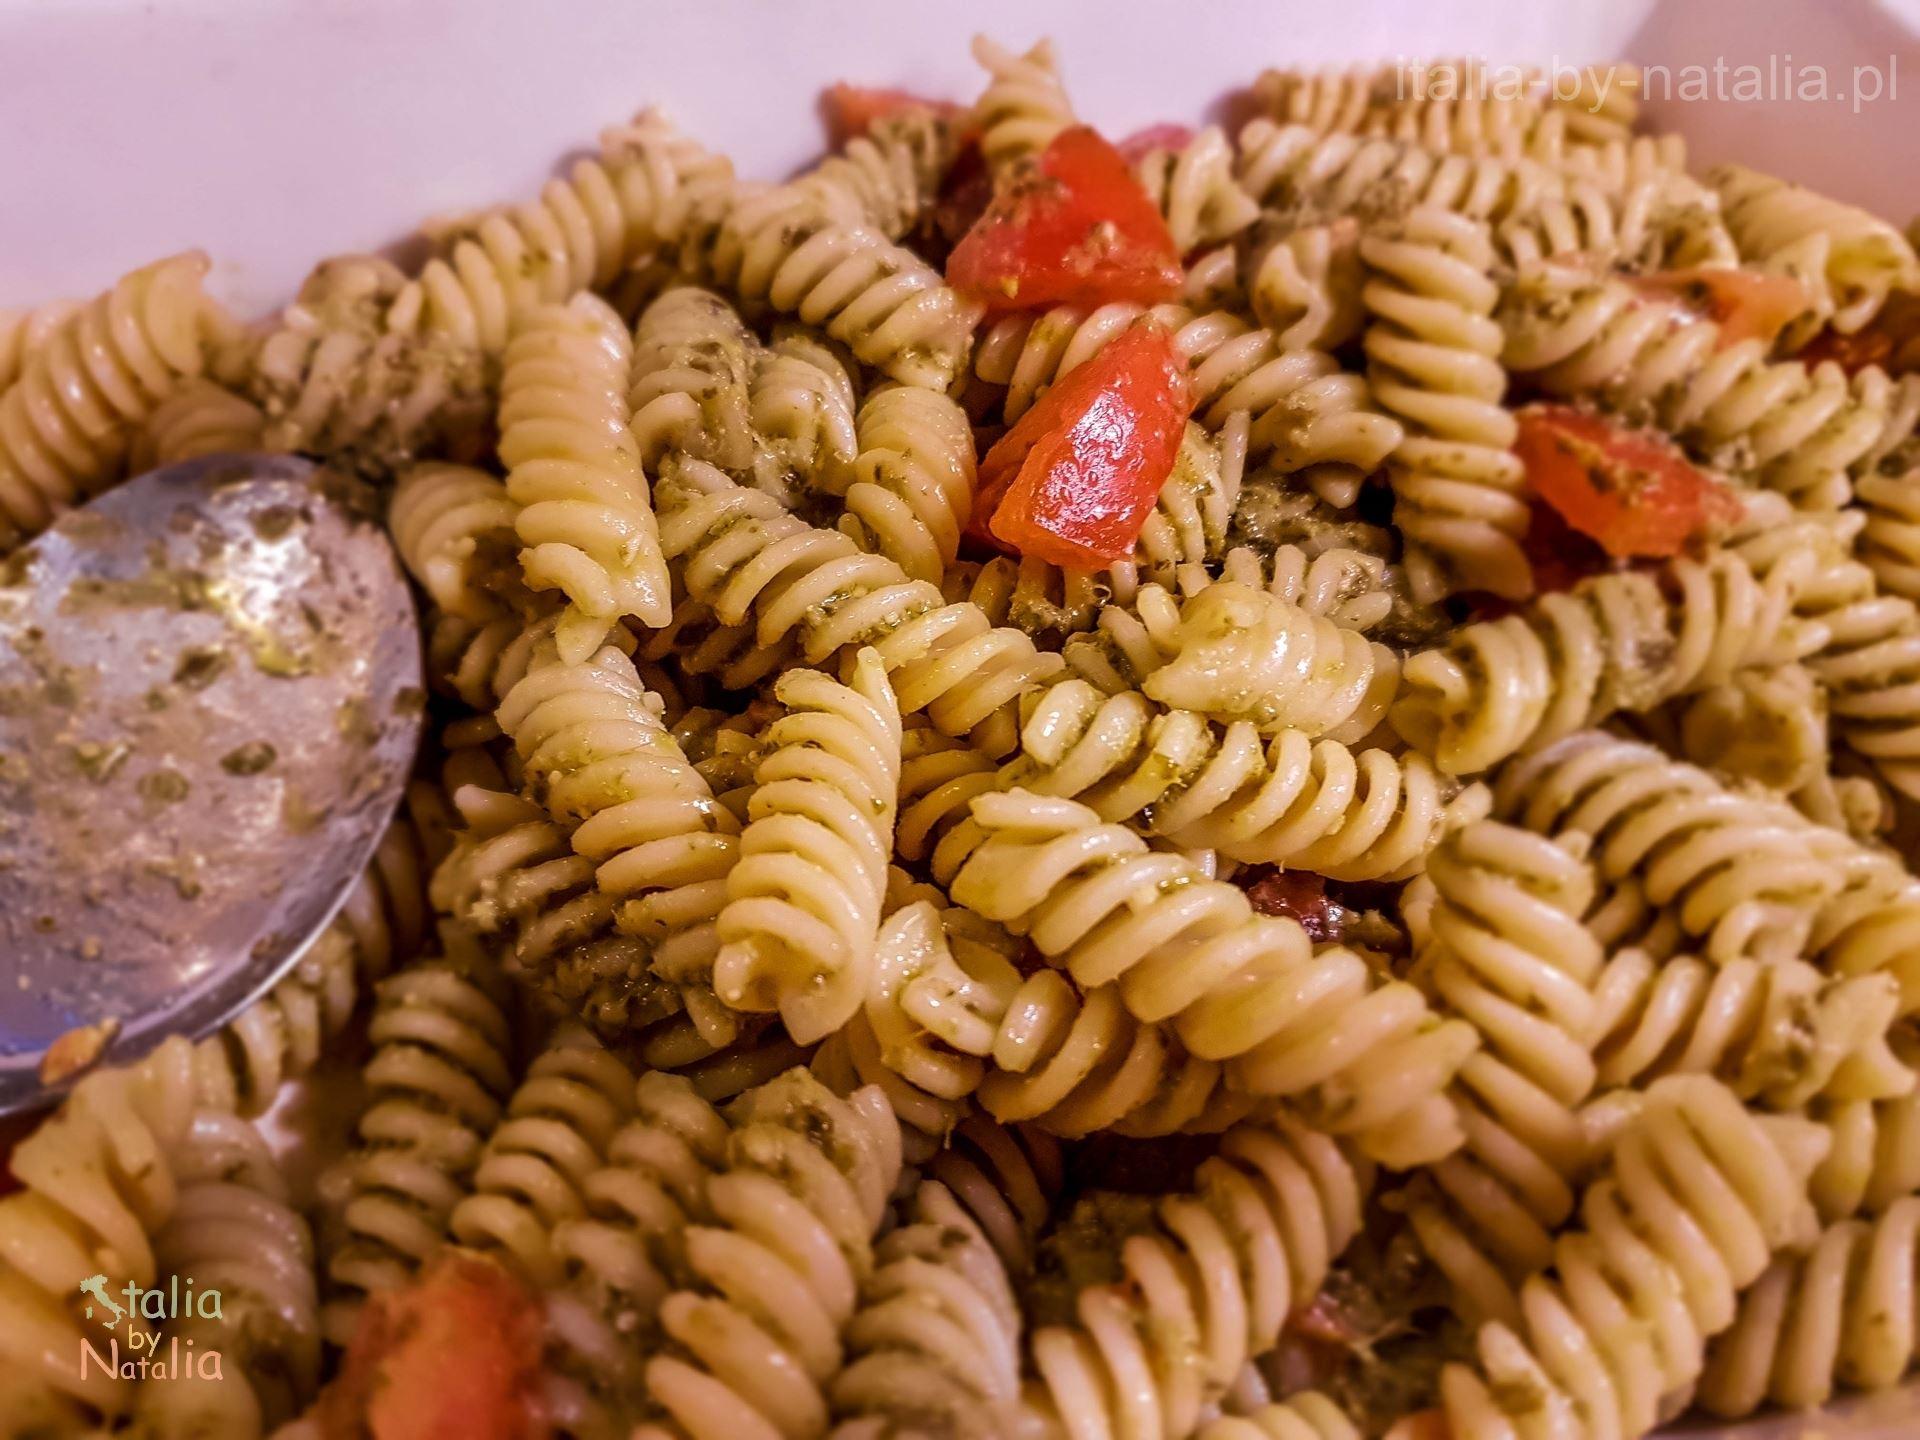 Palermo Sycylia Sicily aperticena vucciria